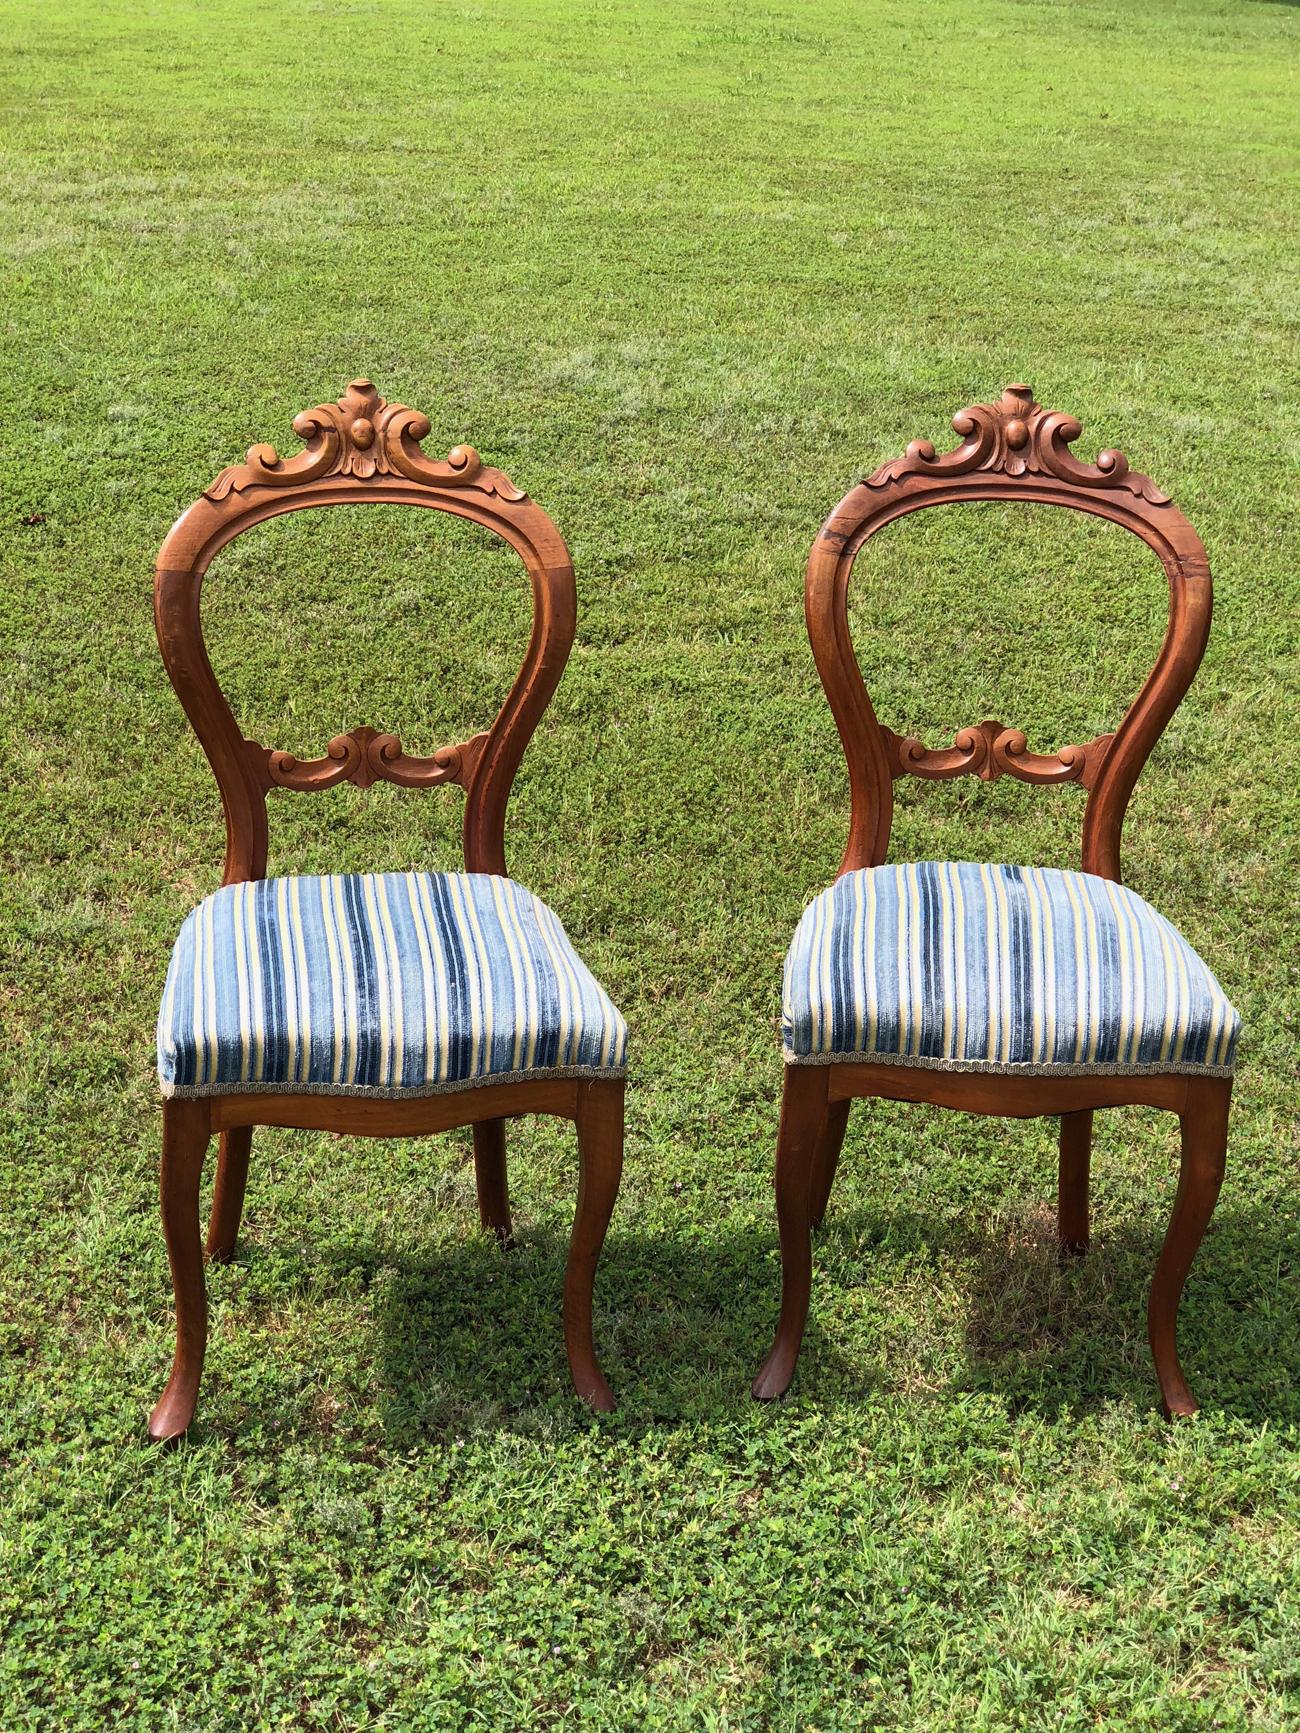 Charleston Chairs~$25 each